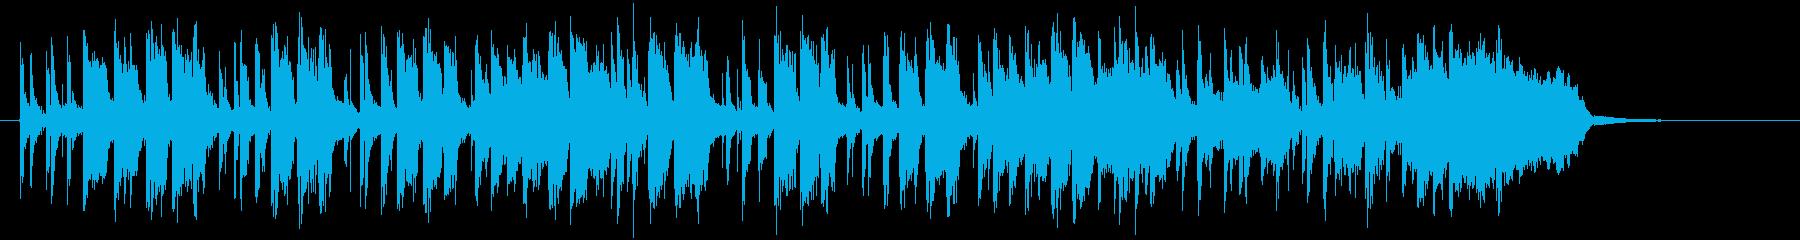 リズミカルでノリの良いポップスの再生済みの波形